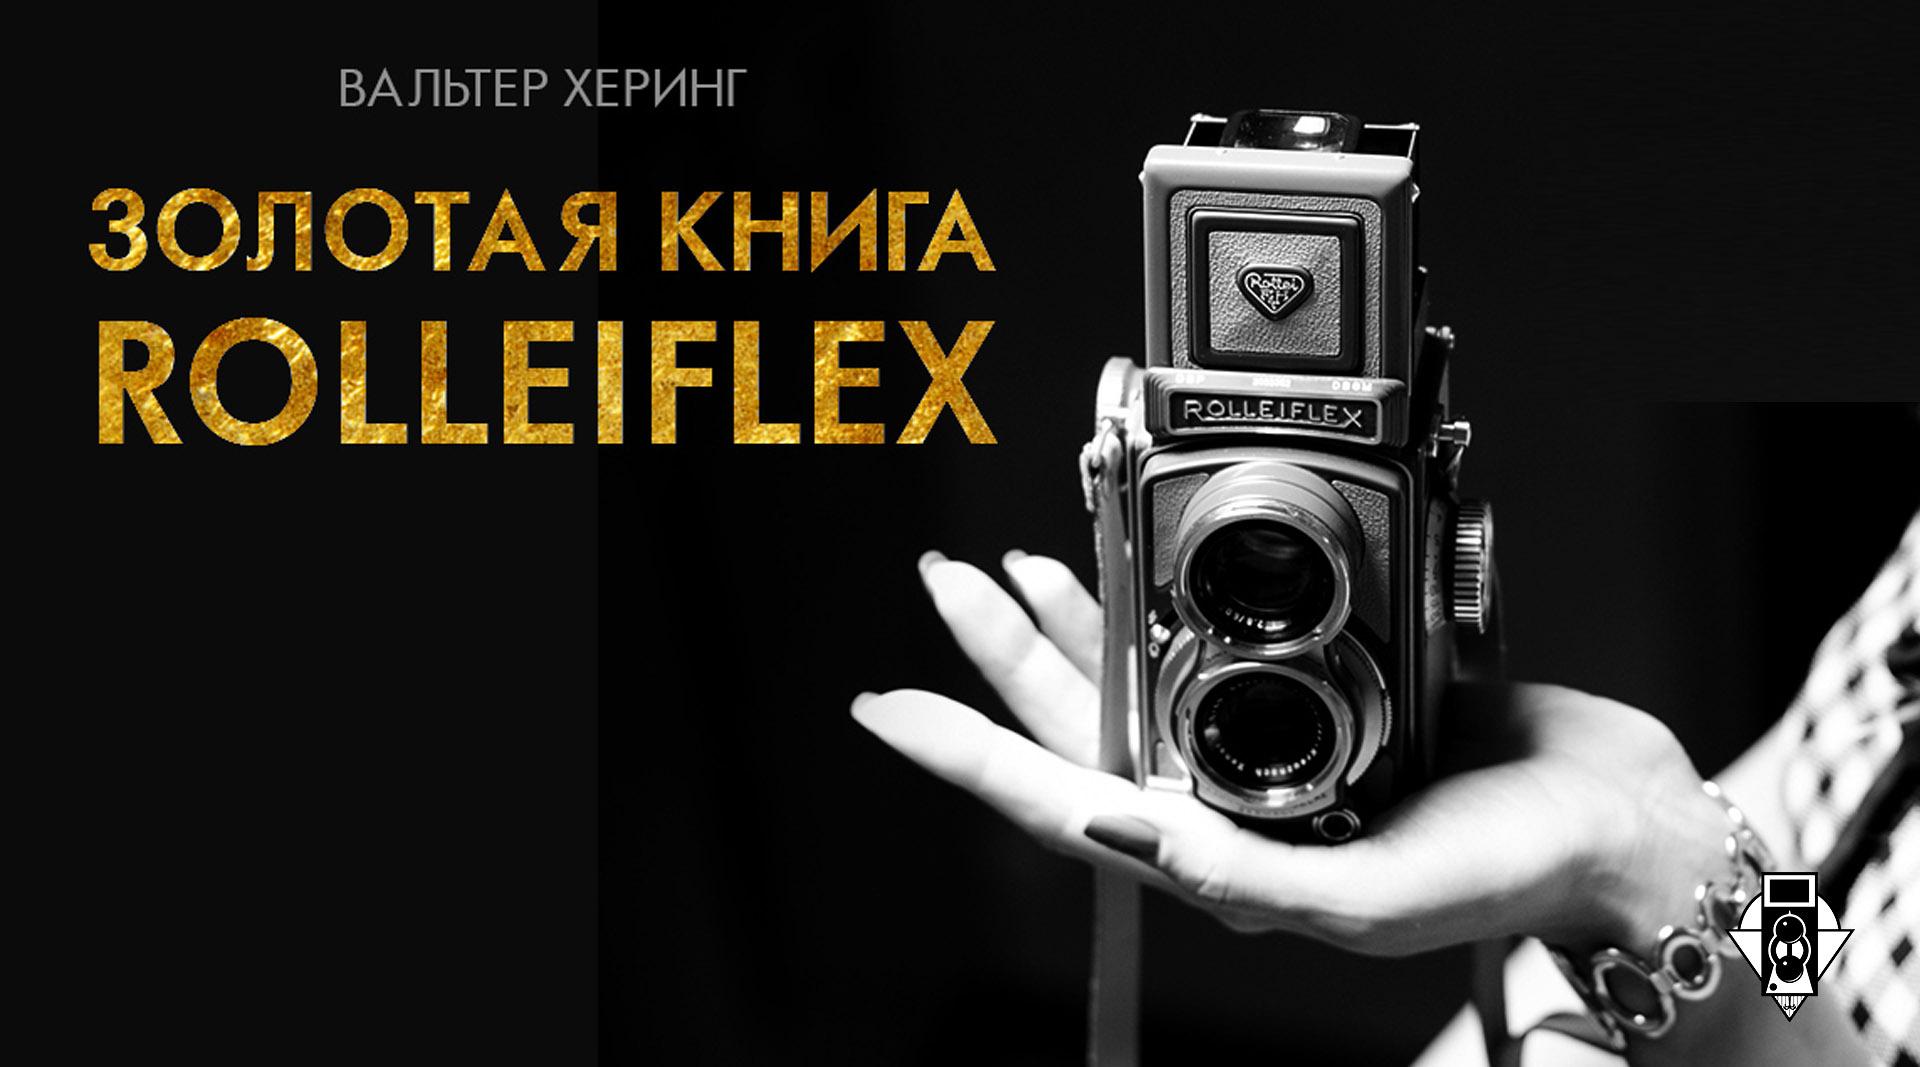 Золотая книга Rolleiflex 2019 (1936)